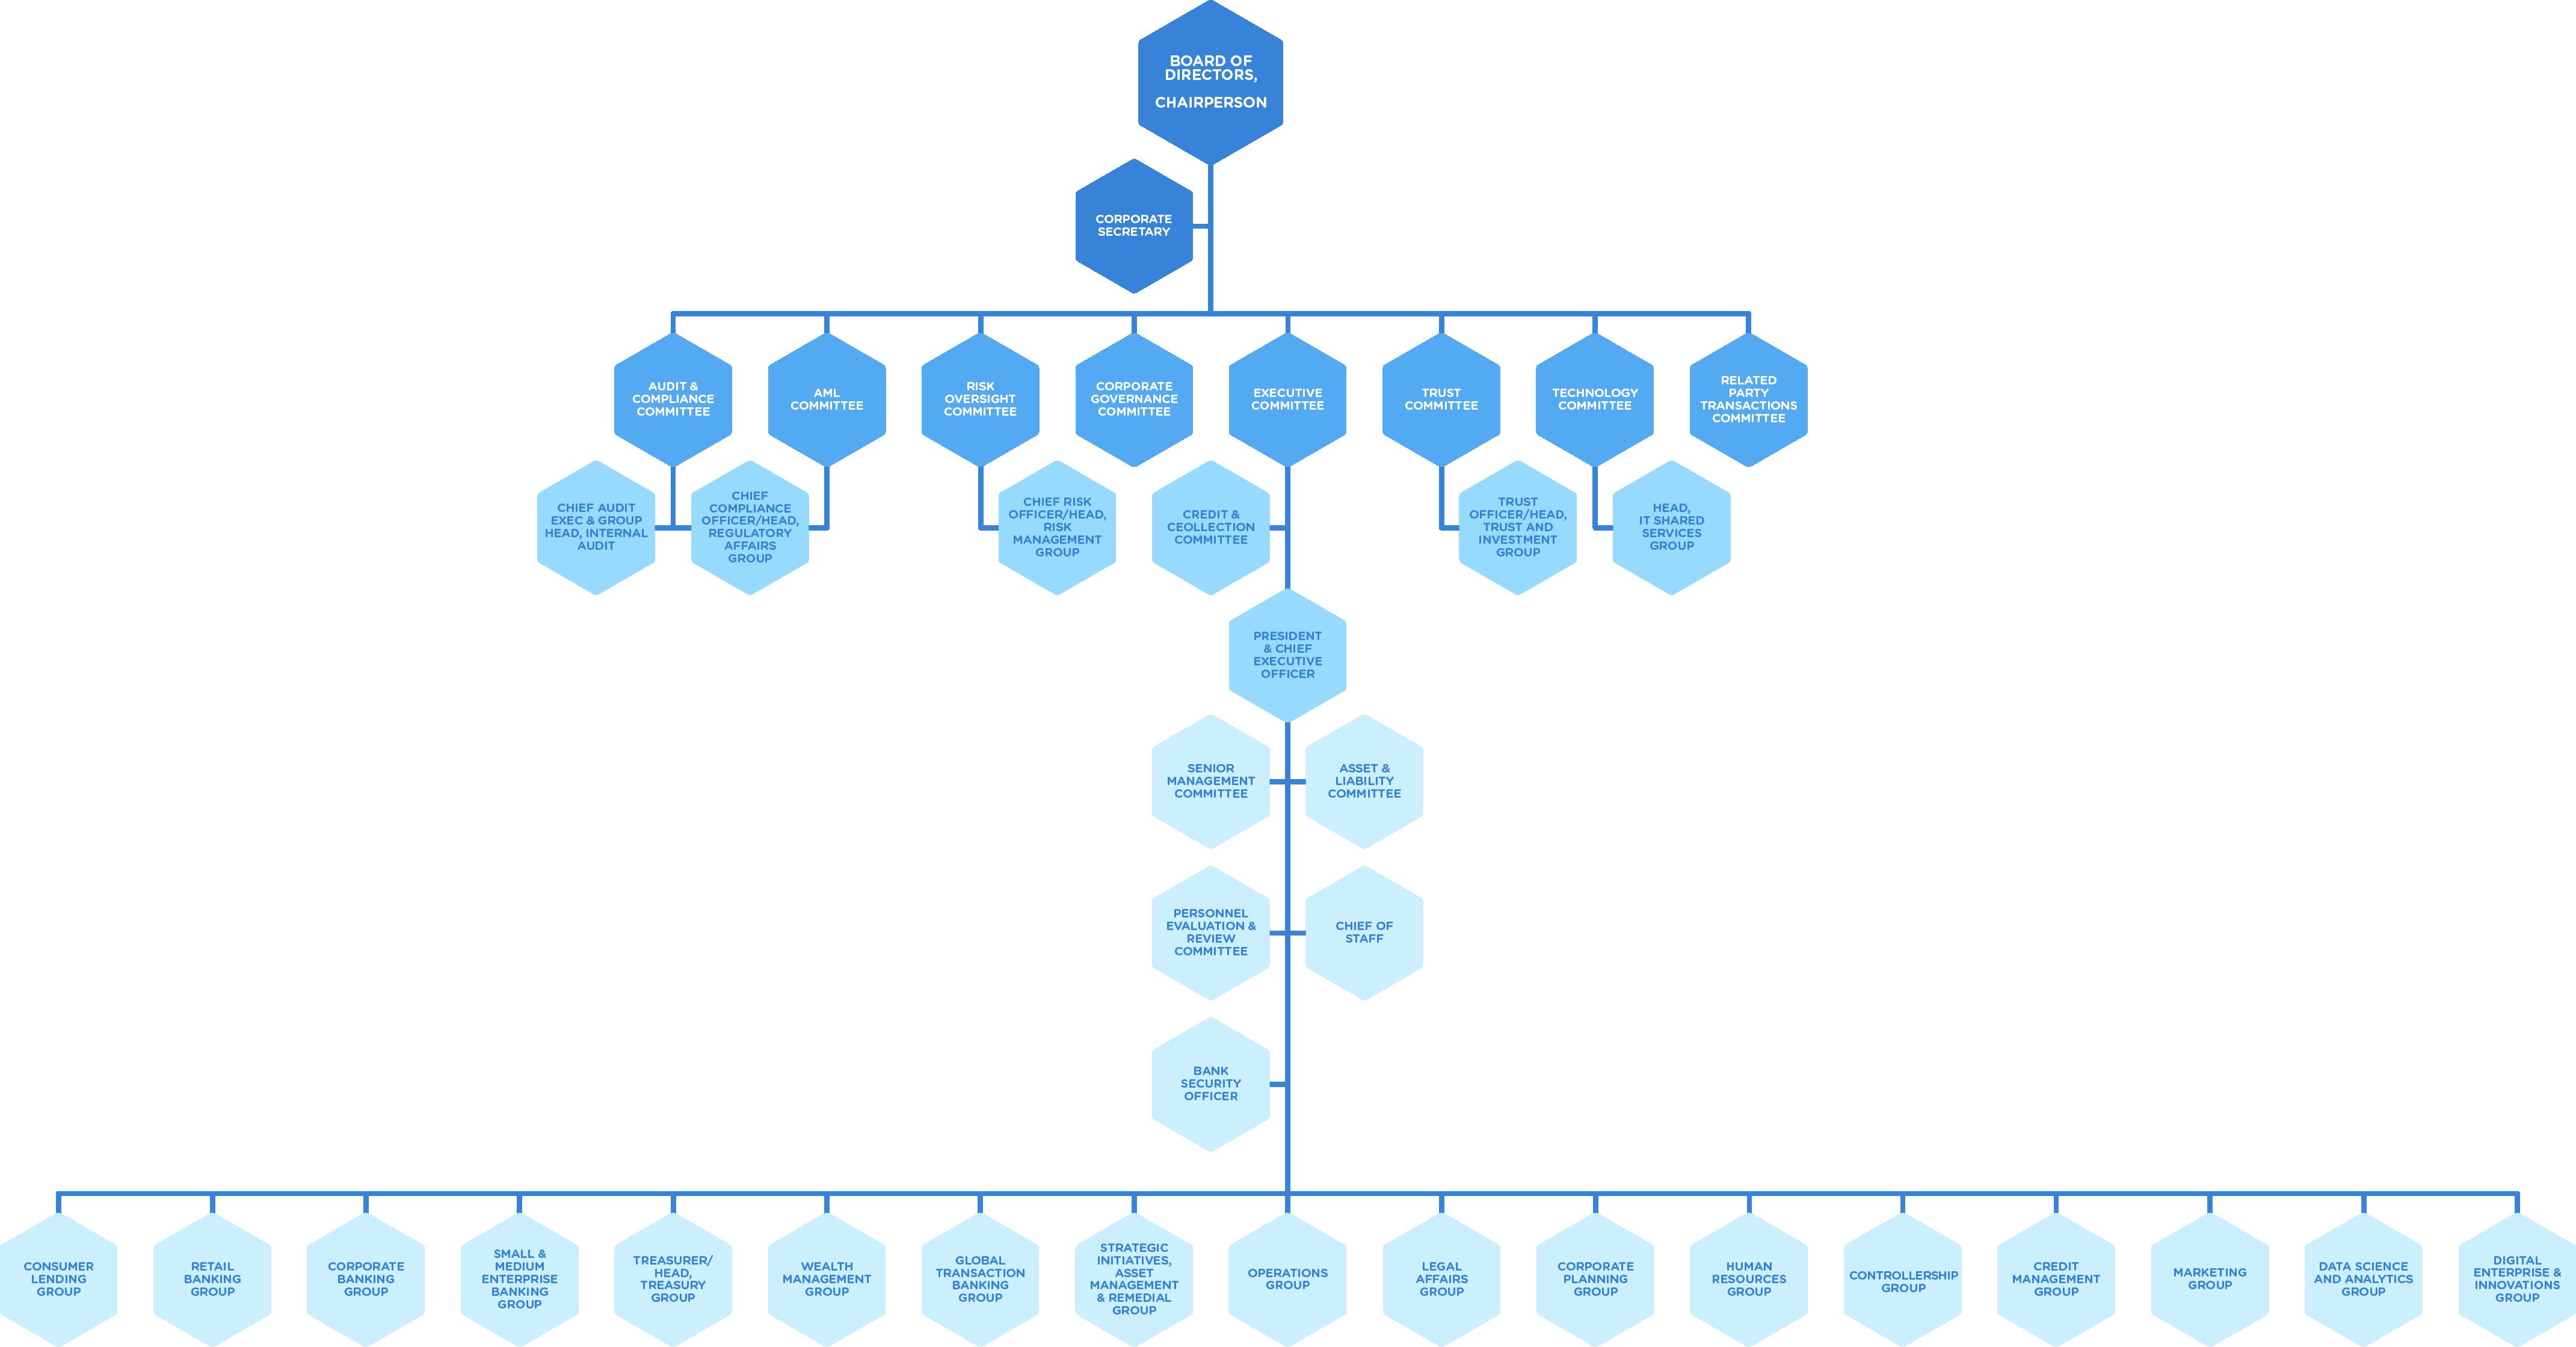 rcbc-organizational-chart